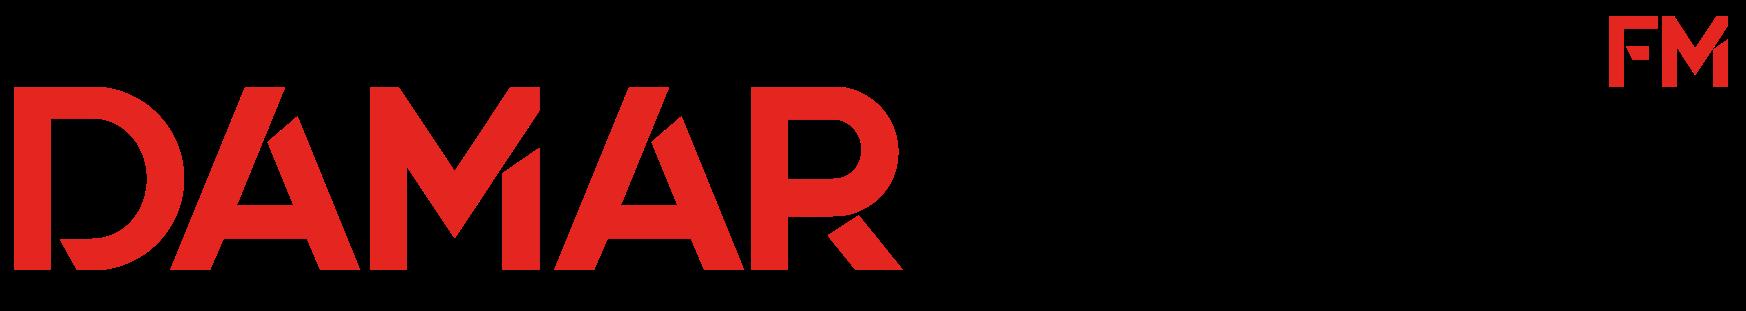 DamarTürk Fm | Yeni Nesil Arabesk Radyosu